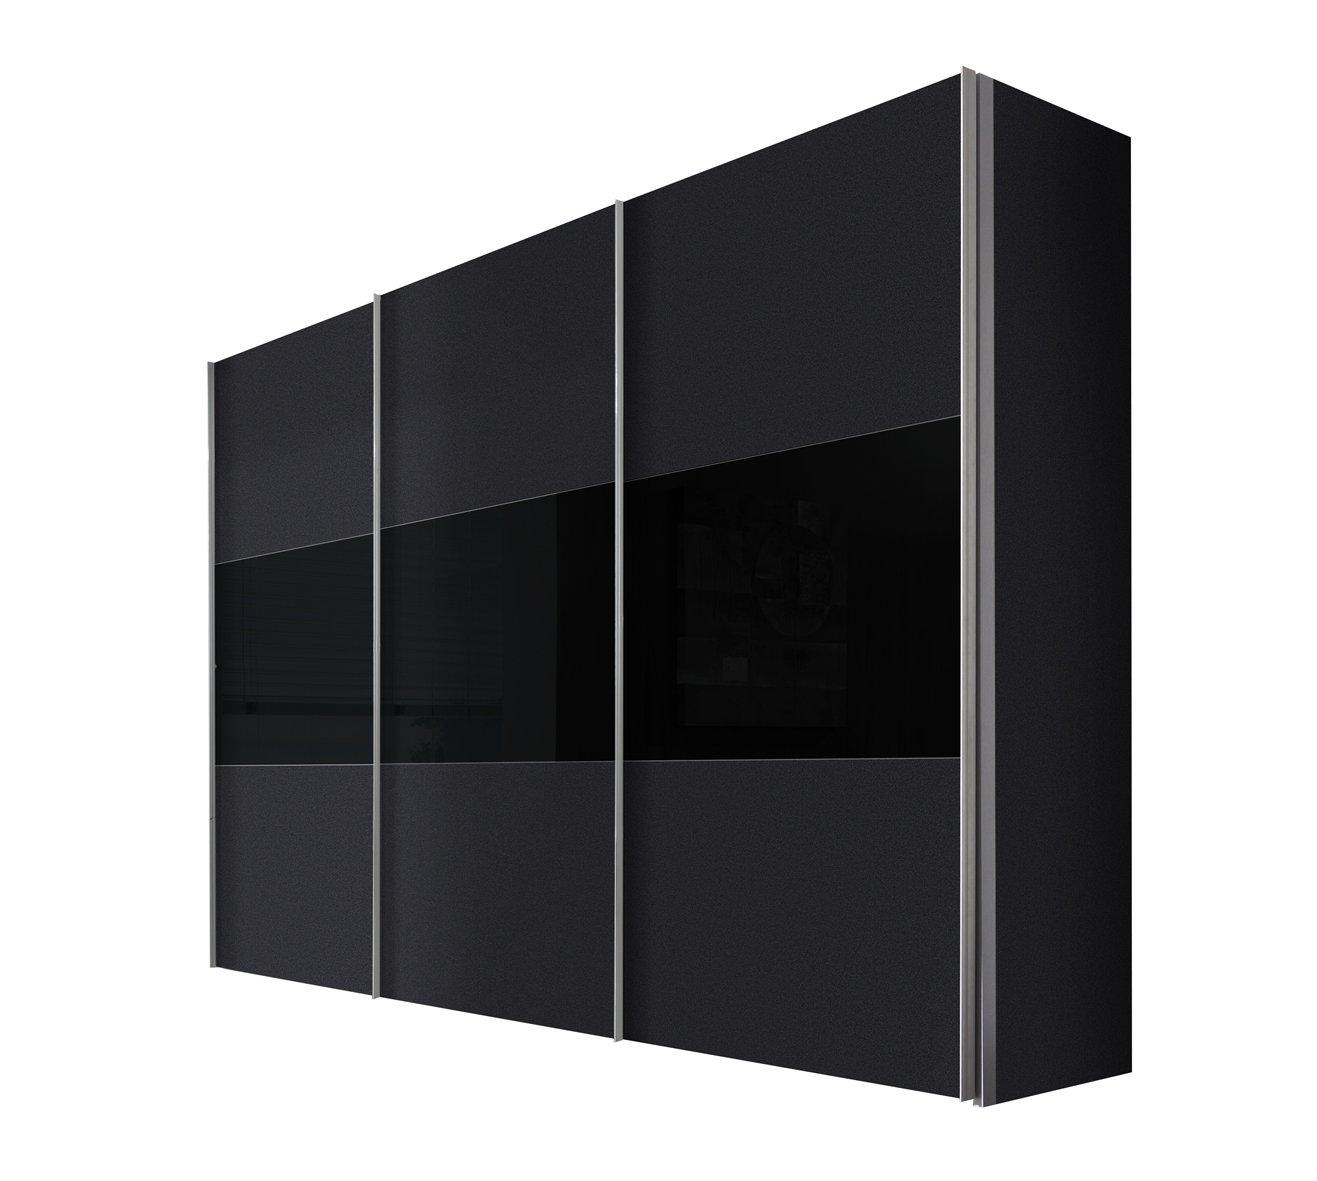 Solutions 46910-972 Schwebetürenschrank 3-türig, Griffleisten Alufarben, Korpus/Front: Graphit / Glas-schwarz